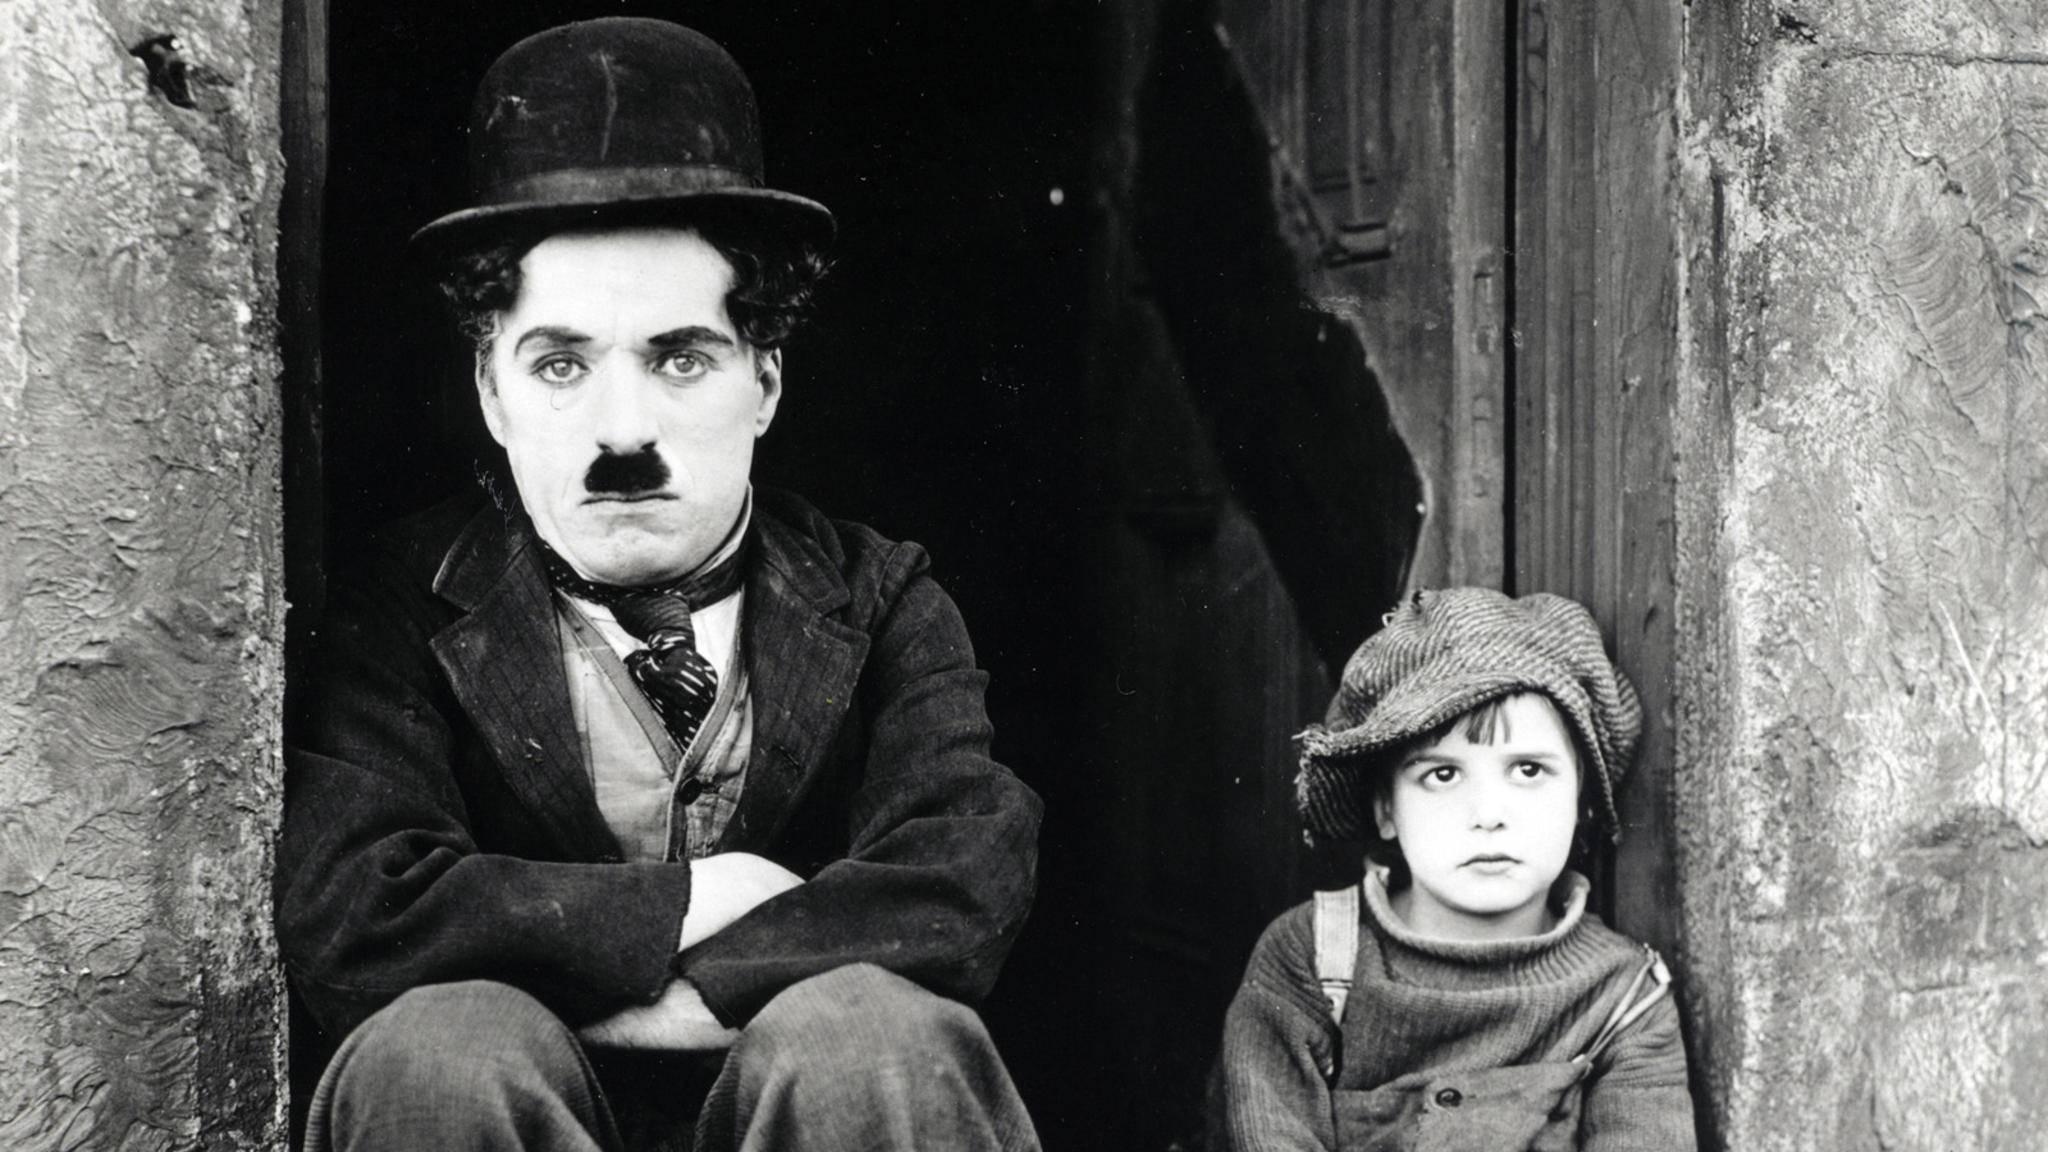 Melone, Schnauzbart, zu große Schuhe und Stock: Charlie Chaplin als Tramp schrieb Filmgeschichte.